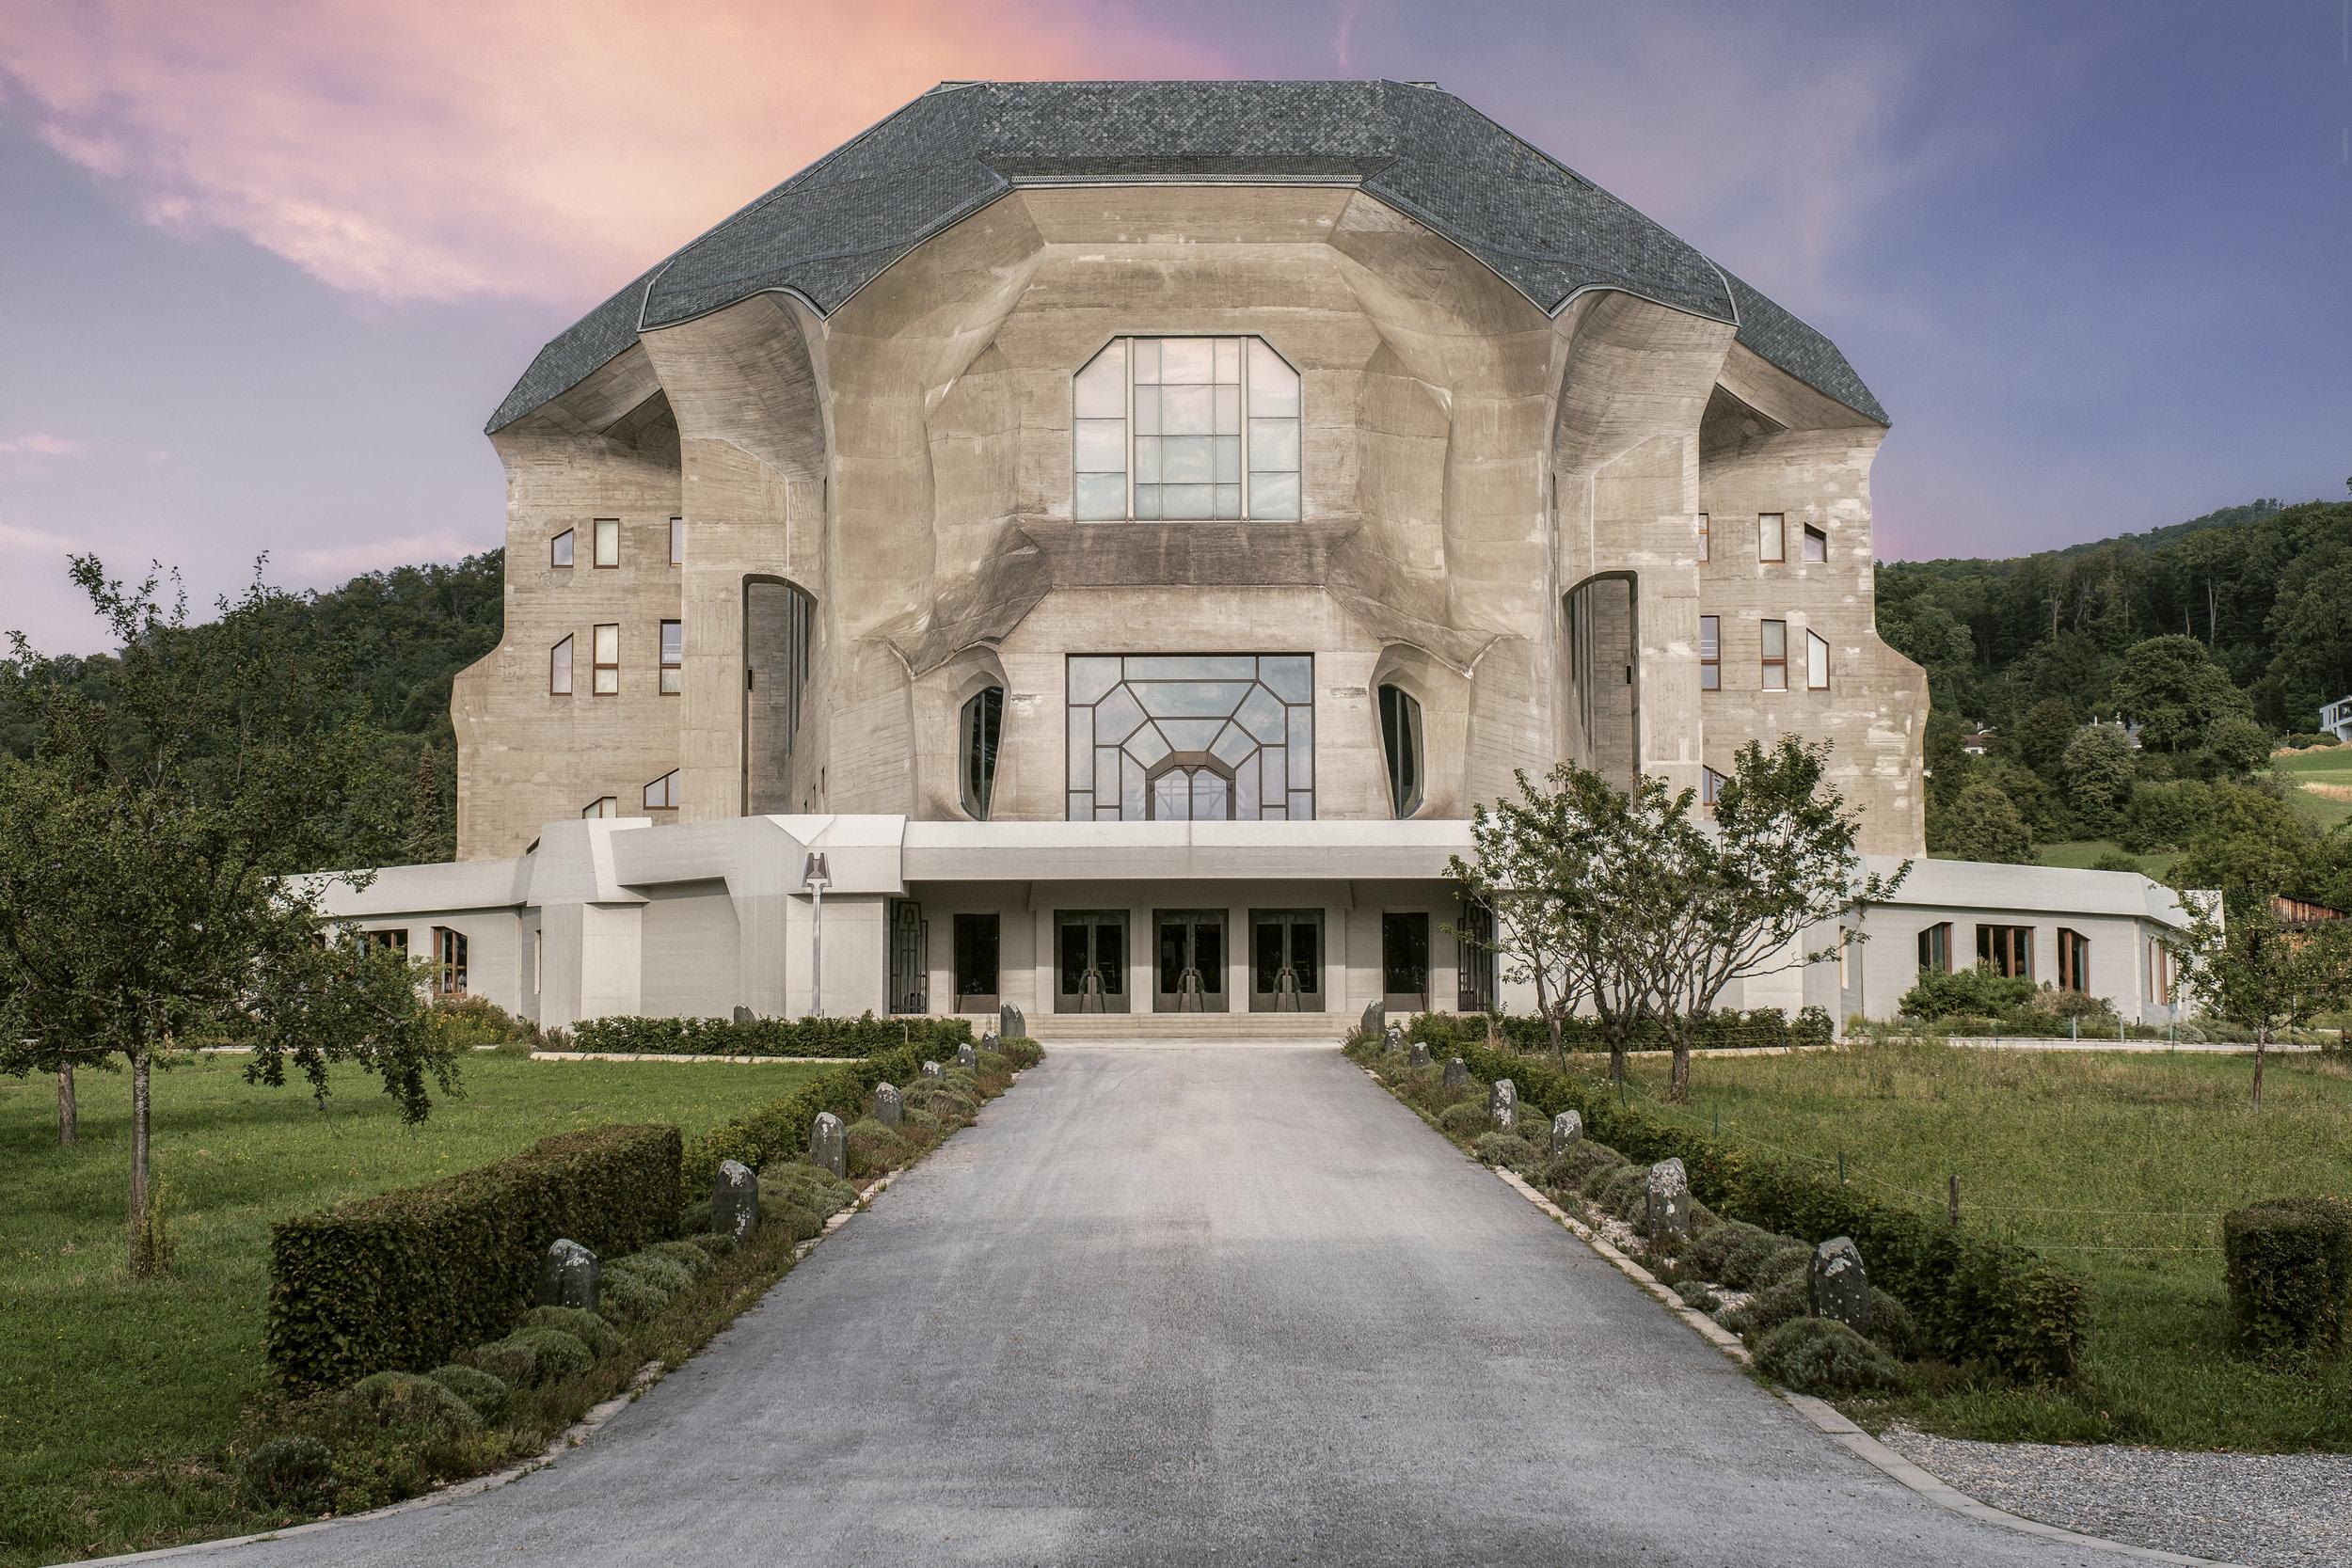 Goetheanum_2019_MTD_727-Edit.jpg